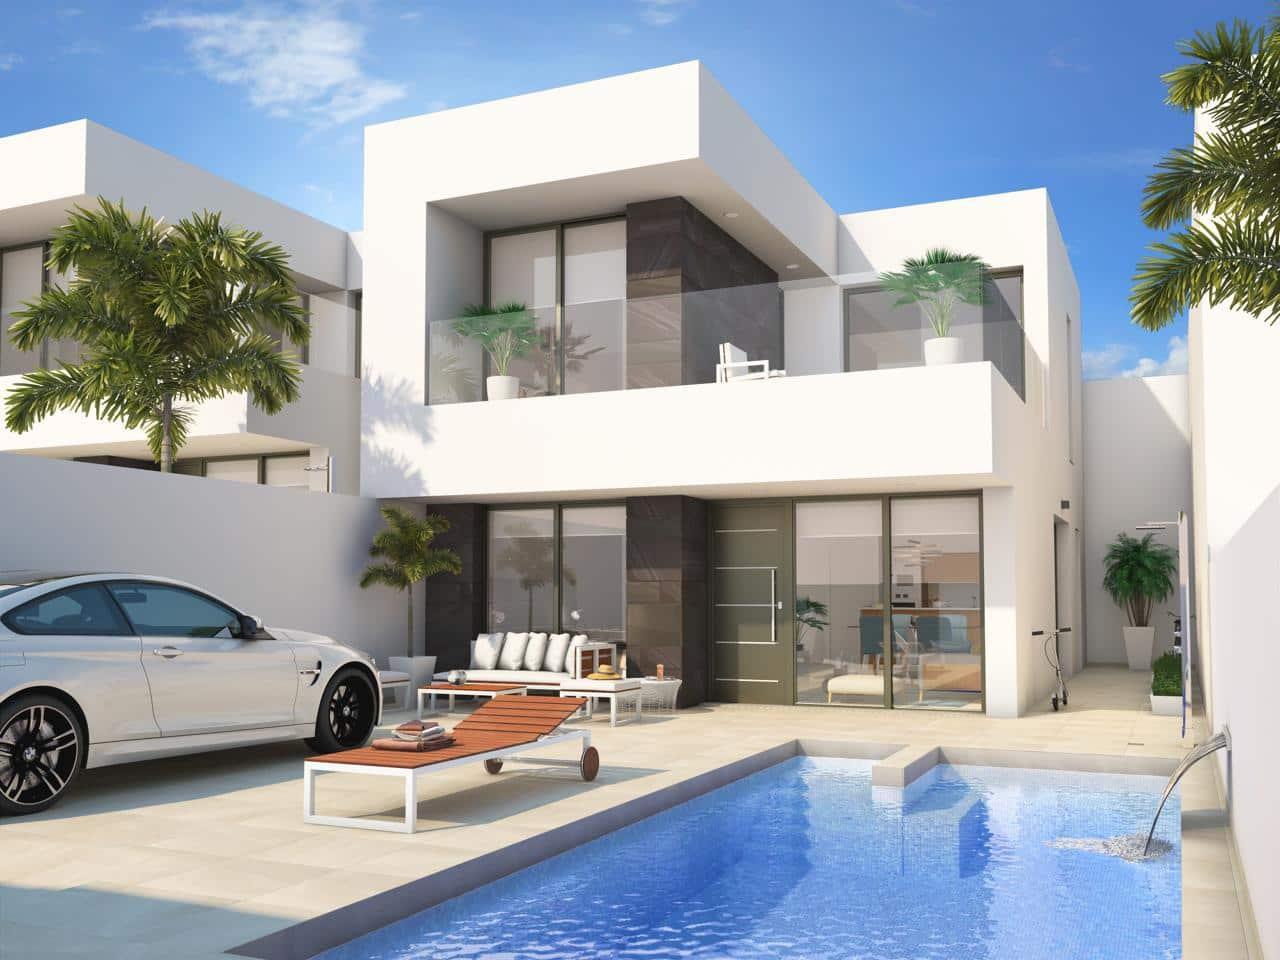 Chalet de 3 habitaciones en Benijófar en venta con garaje - 289.900 € (Ref: 4556854)